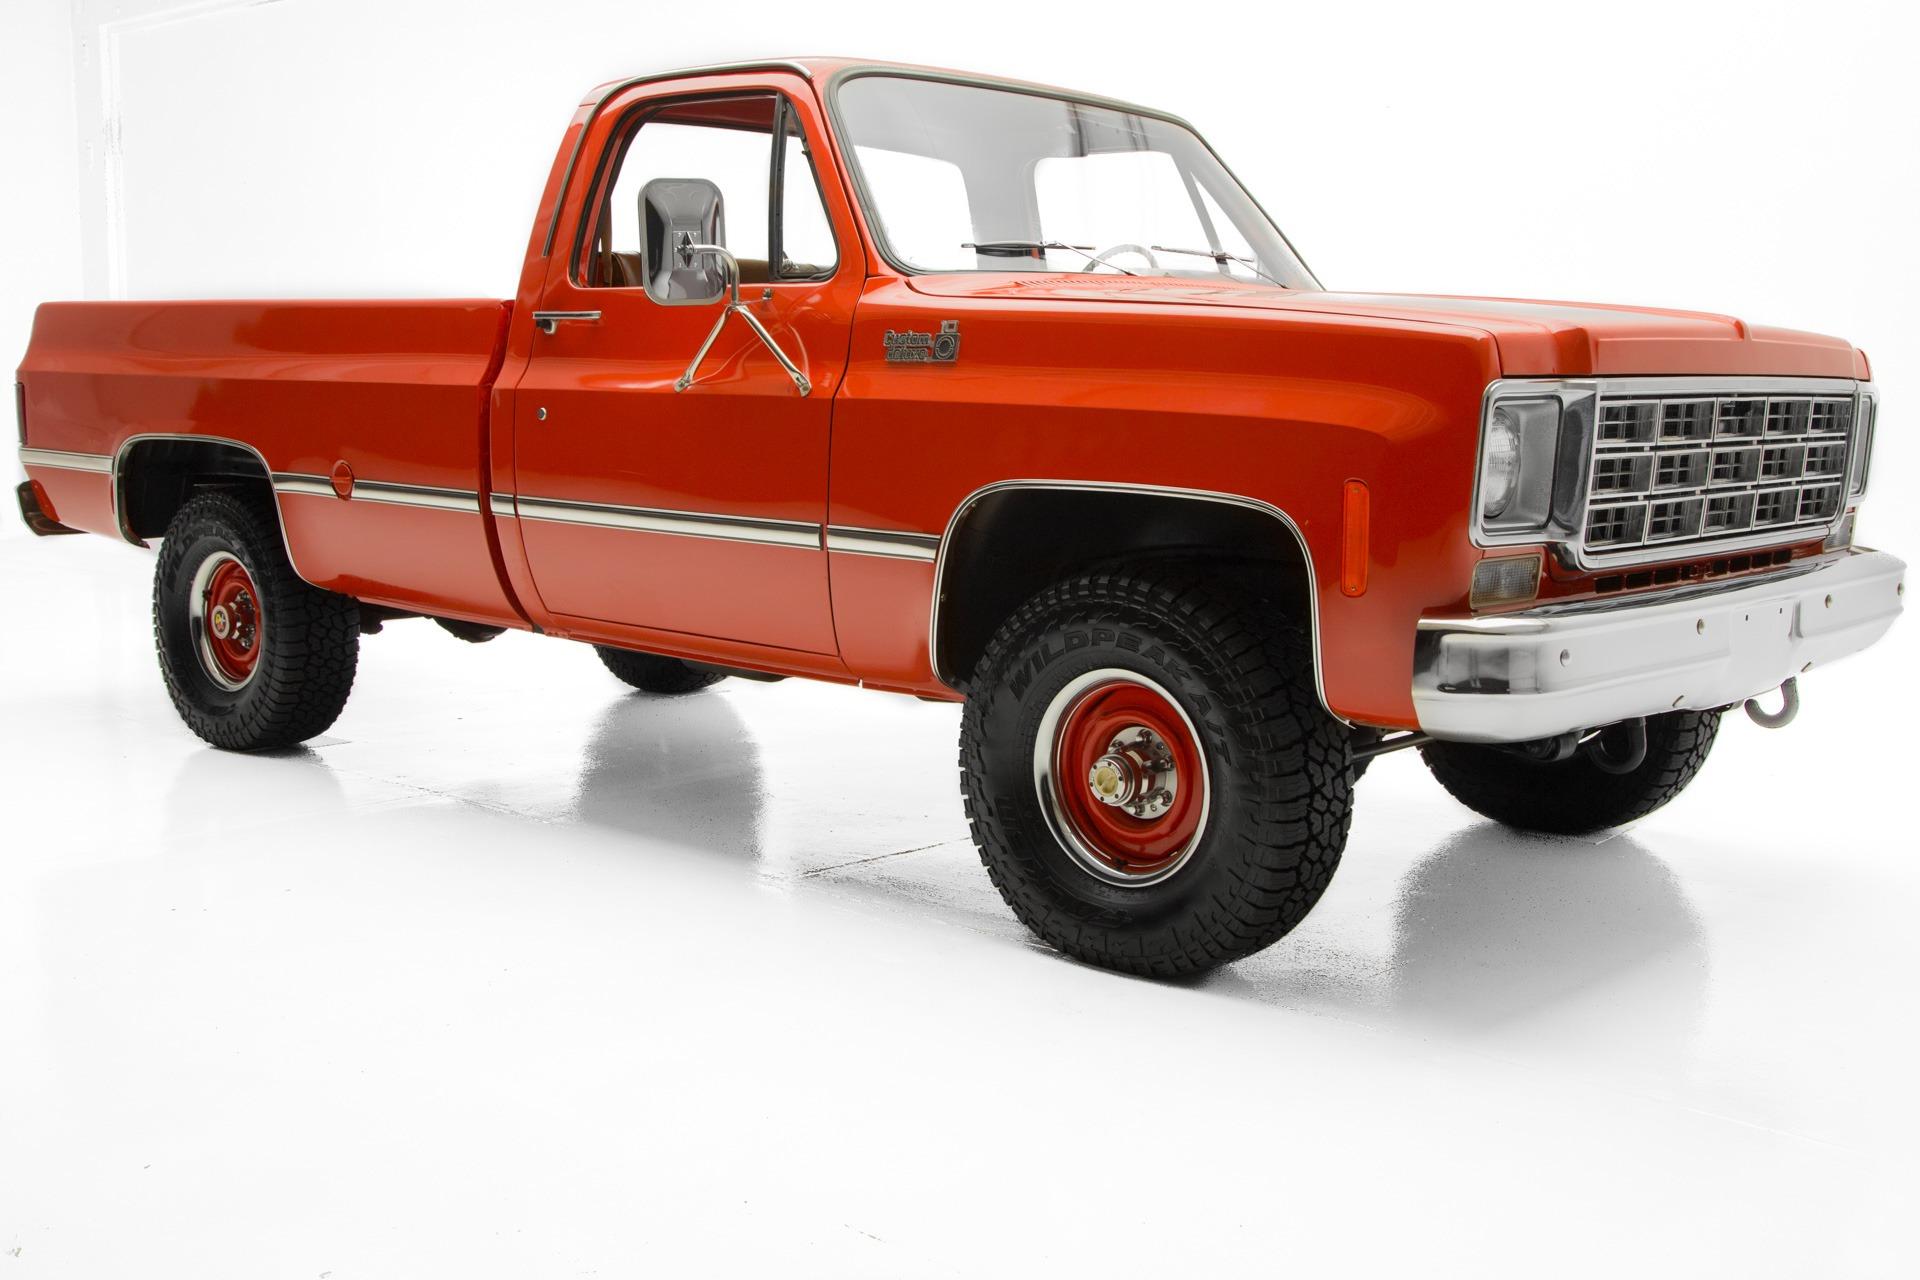 1977 Chevrolet Custom Deluxe BIG RED K10 4x4 4-spd